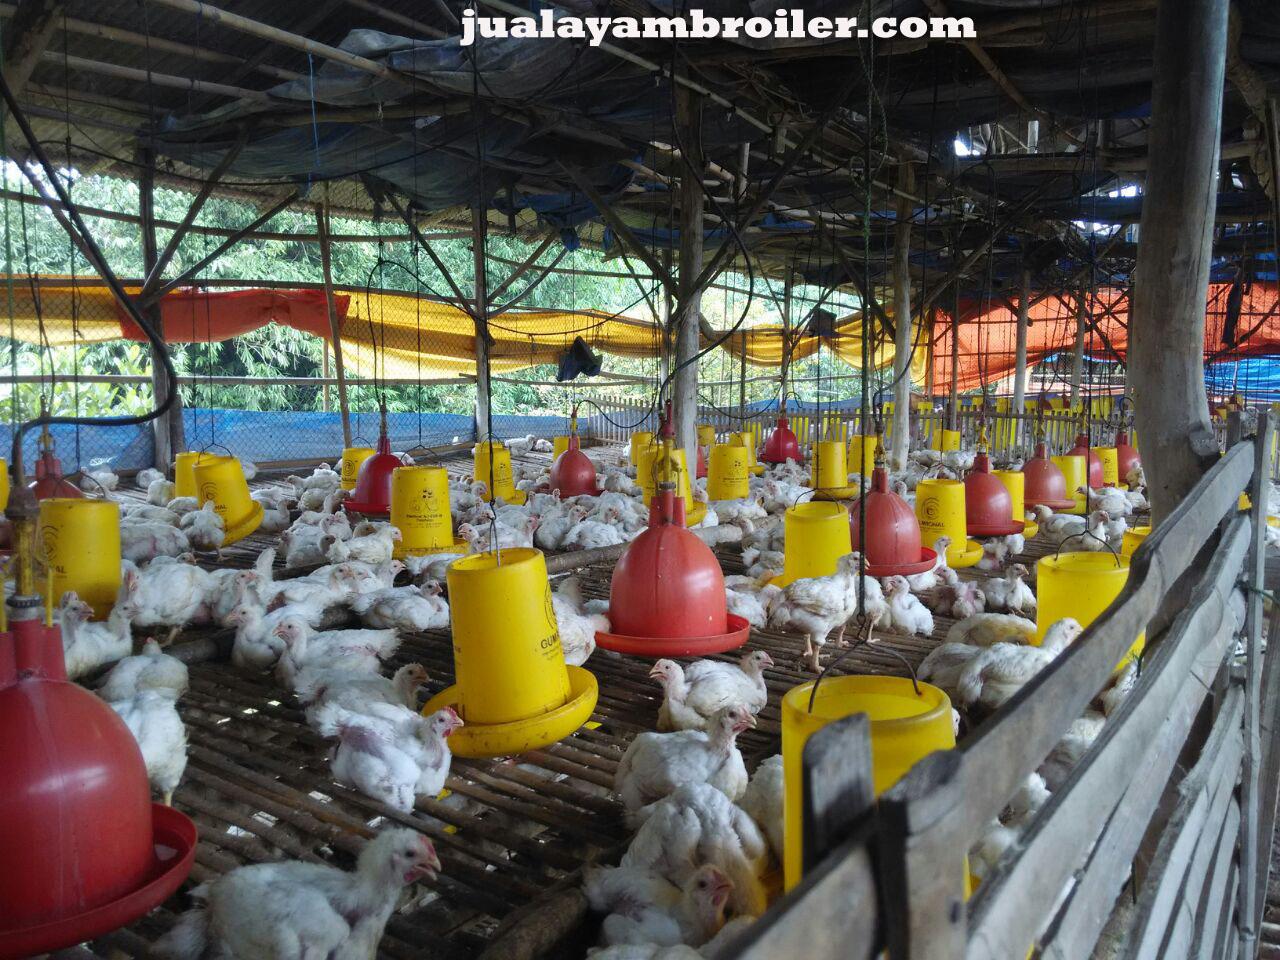 Jual Ayam Broiler di Babelan